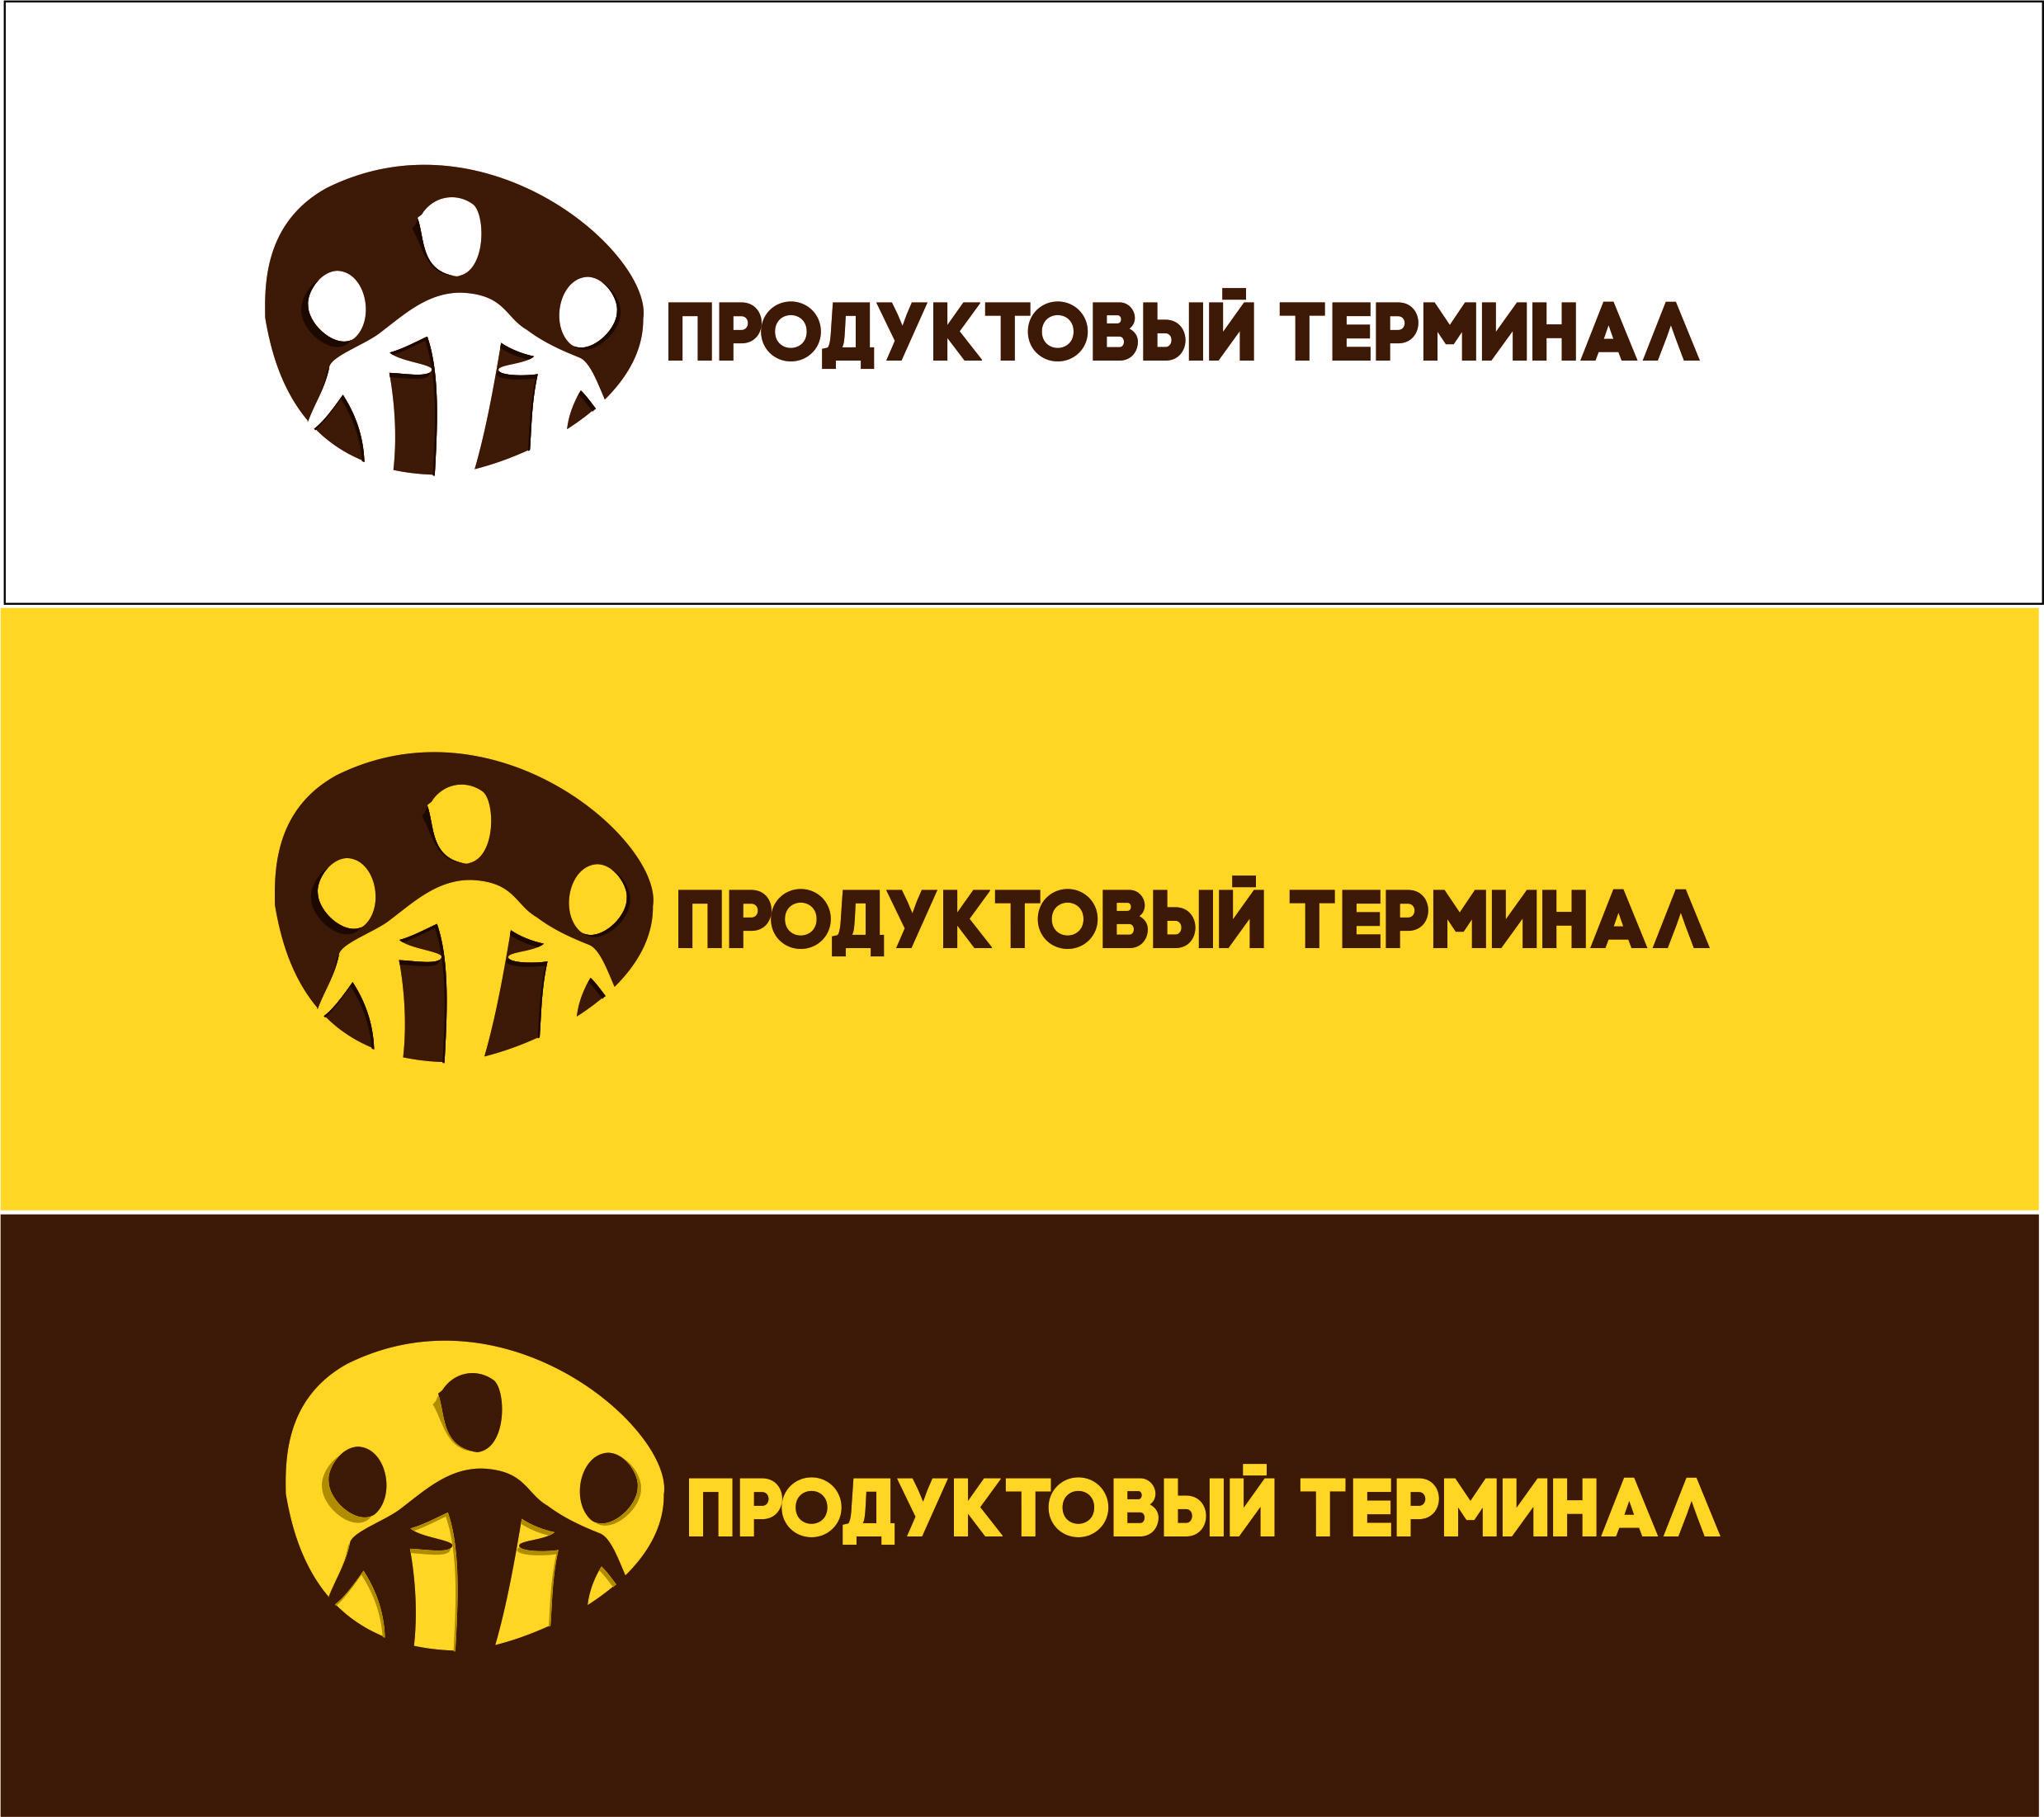 Логотип для сети продуктовых магазинов фото f_99856fd0e7ab1699.jpg